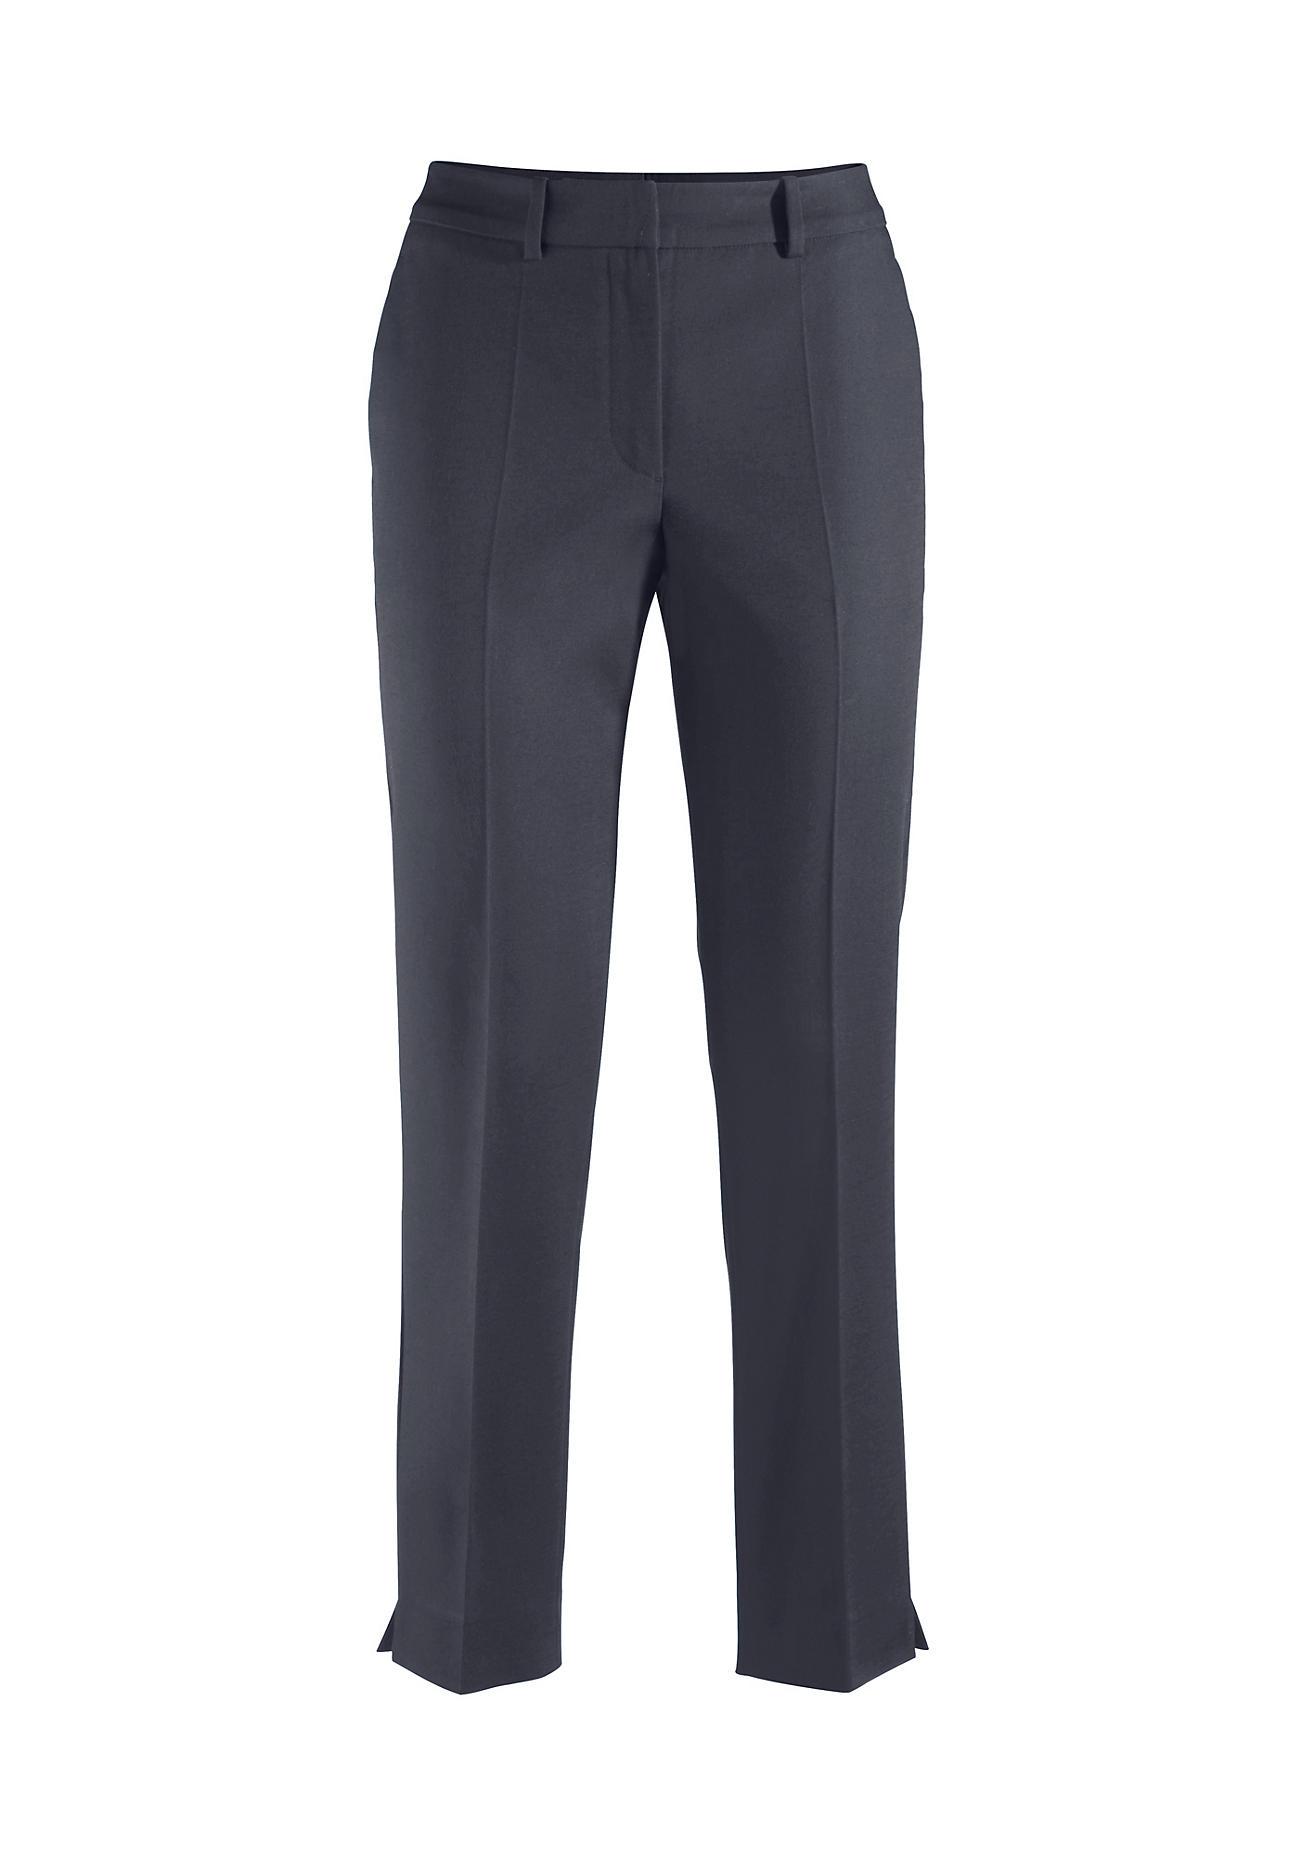 Hosen für Frauen - hessnatur Damen Hose aus Bio Baumwolle – lila –  - Onlineshop Hessnatur